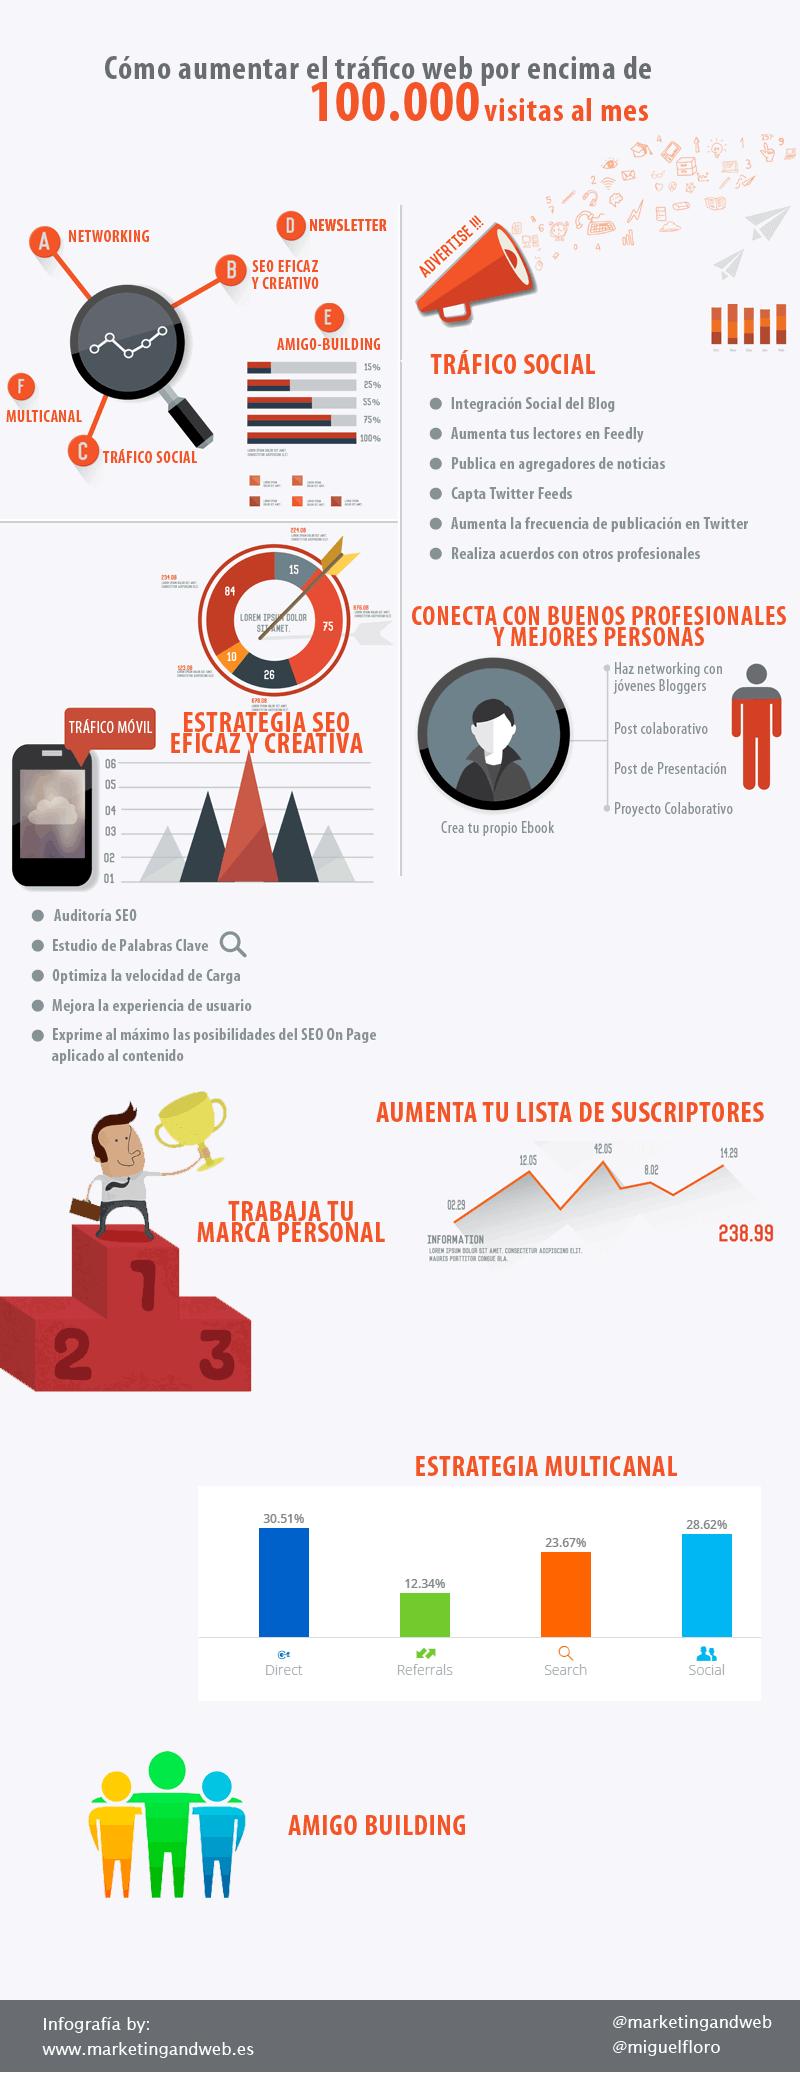 Cómo aumentar el tráfico web sobre 100.000 visitas/mes #infografia #marketing